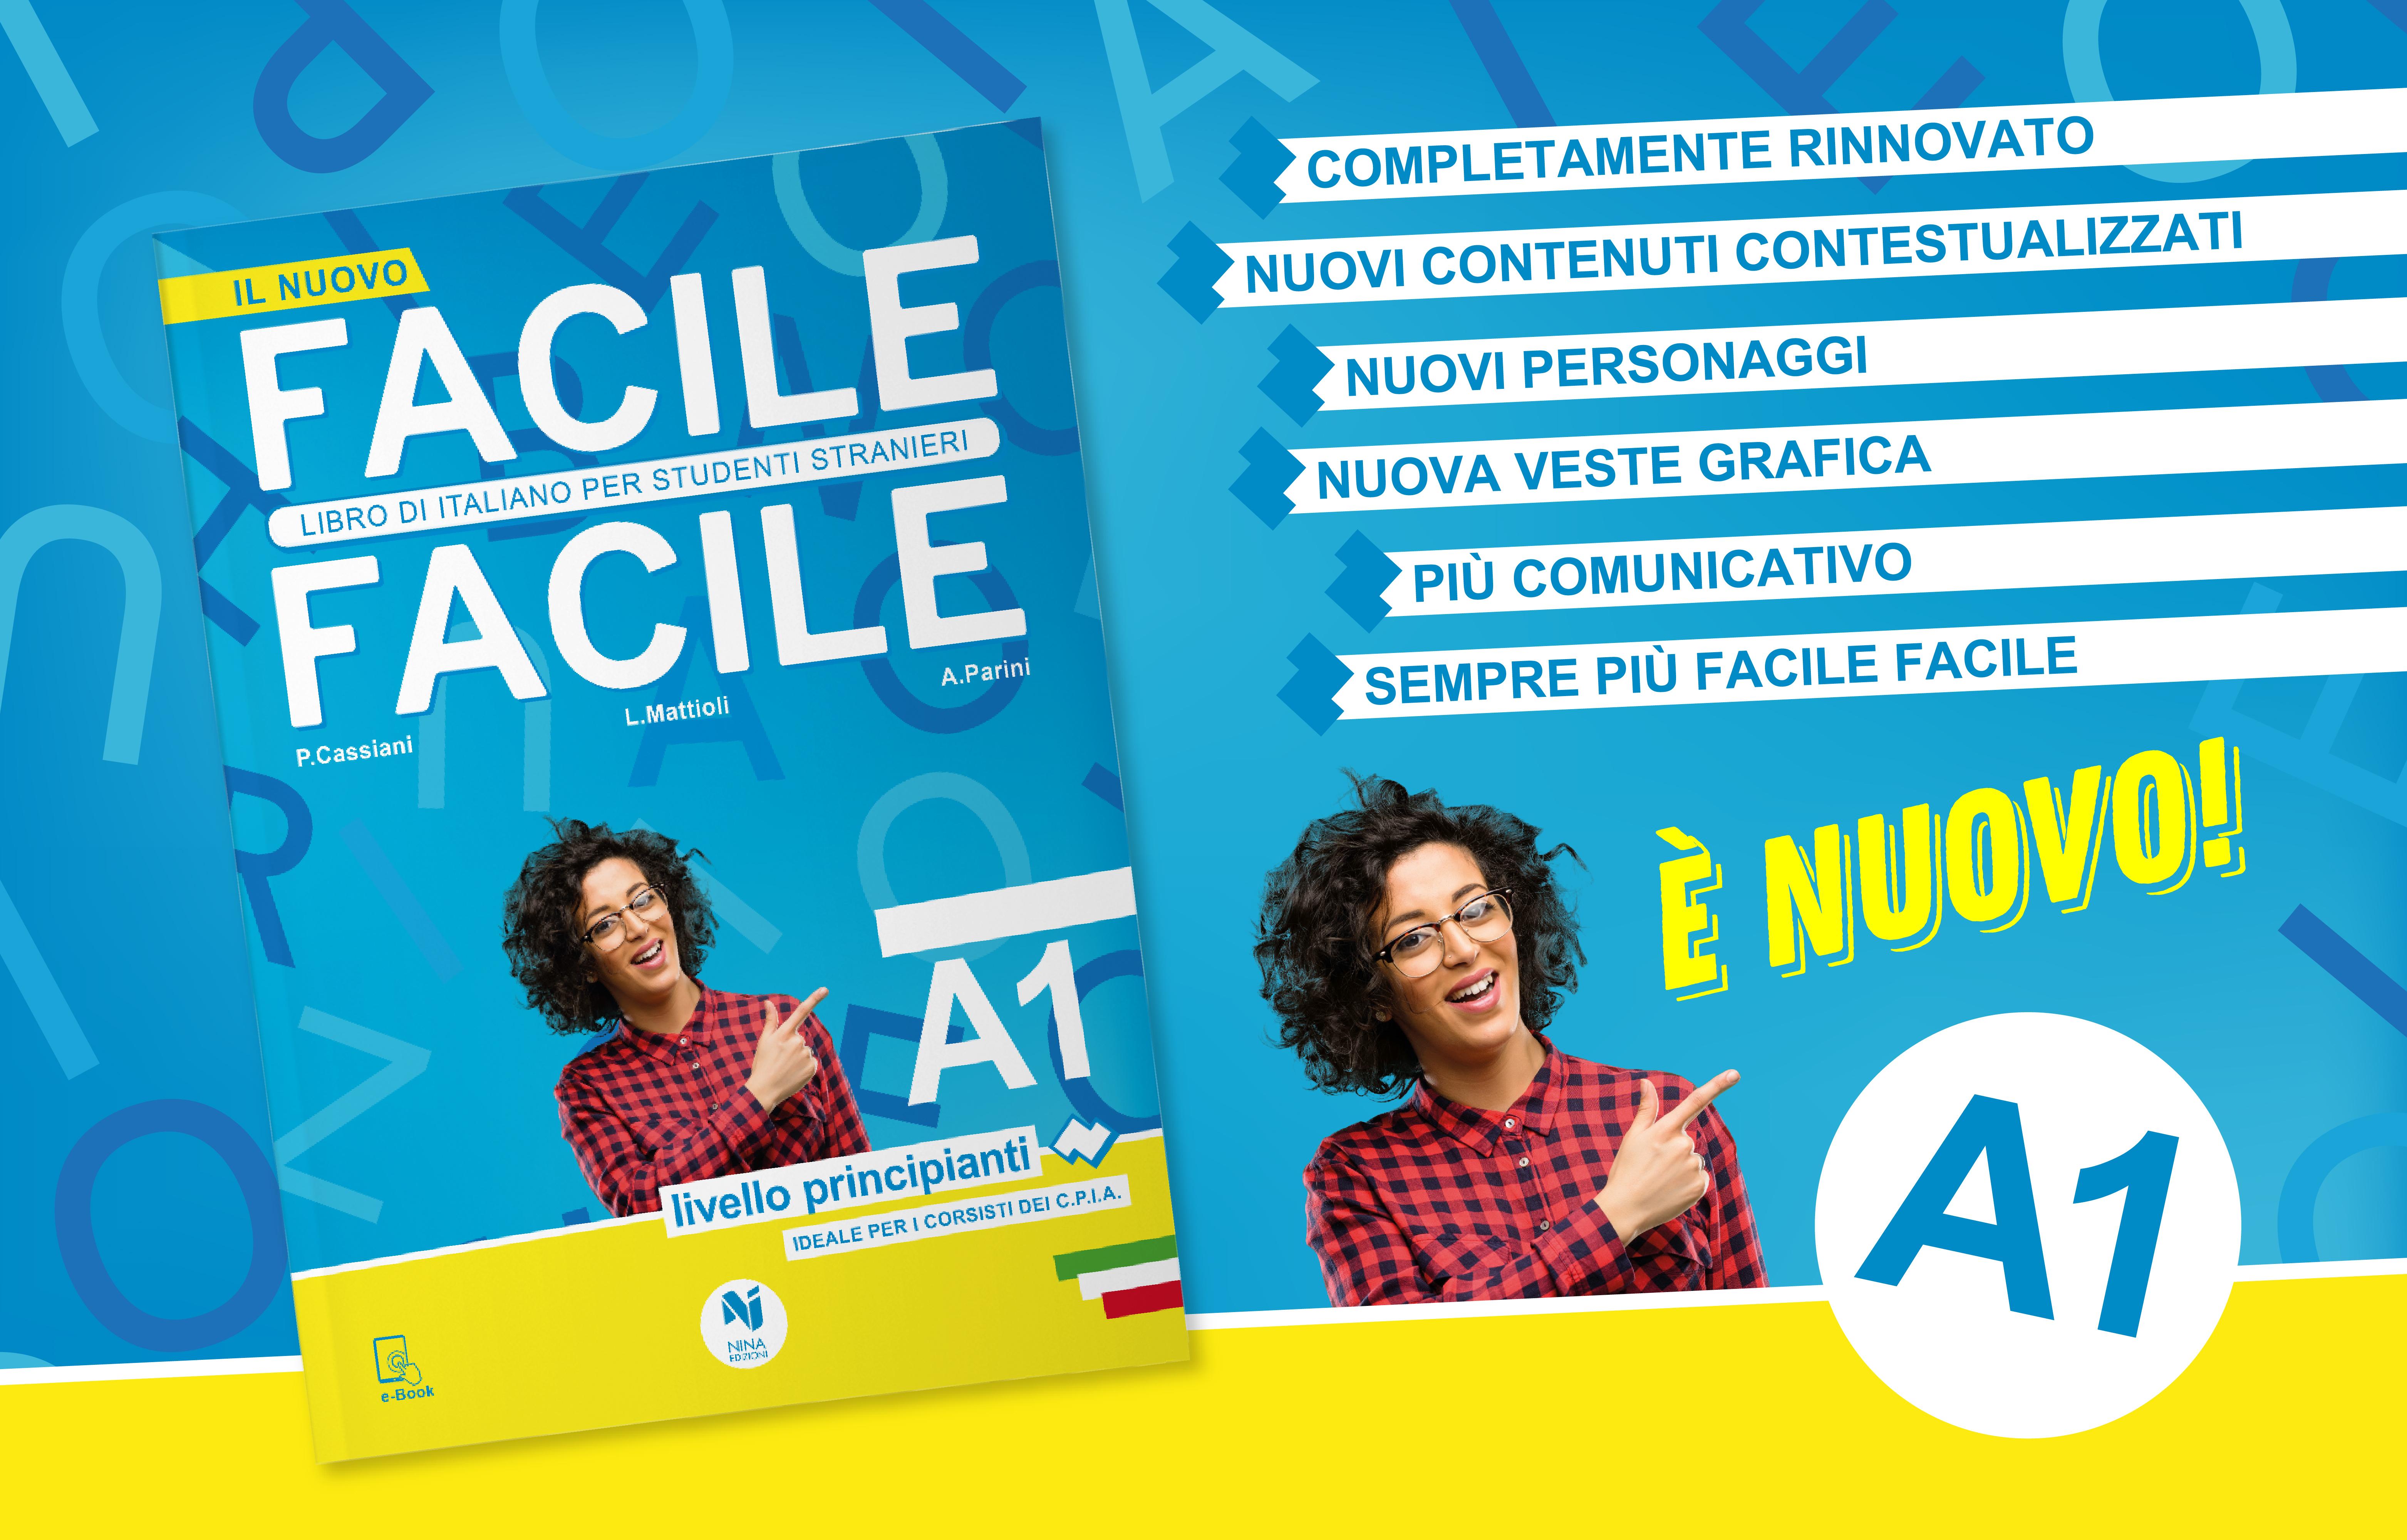 Libri di Italiano per stranieri